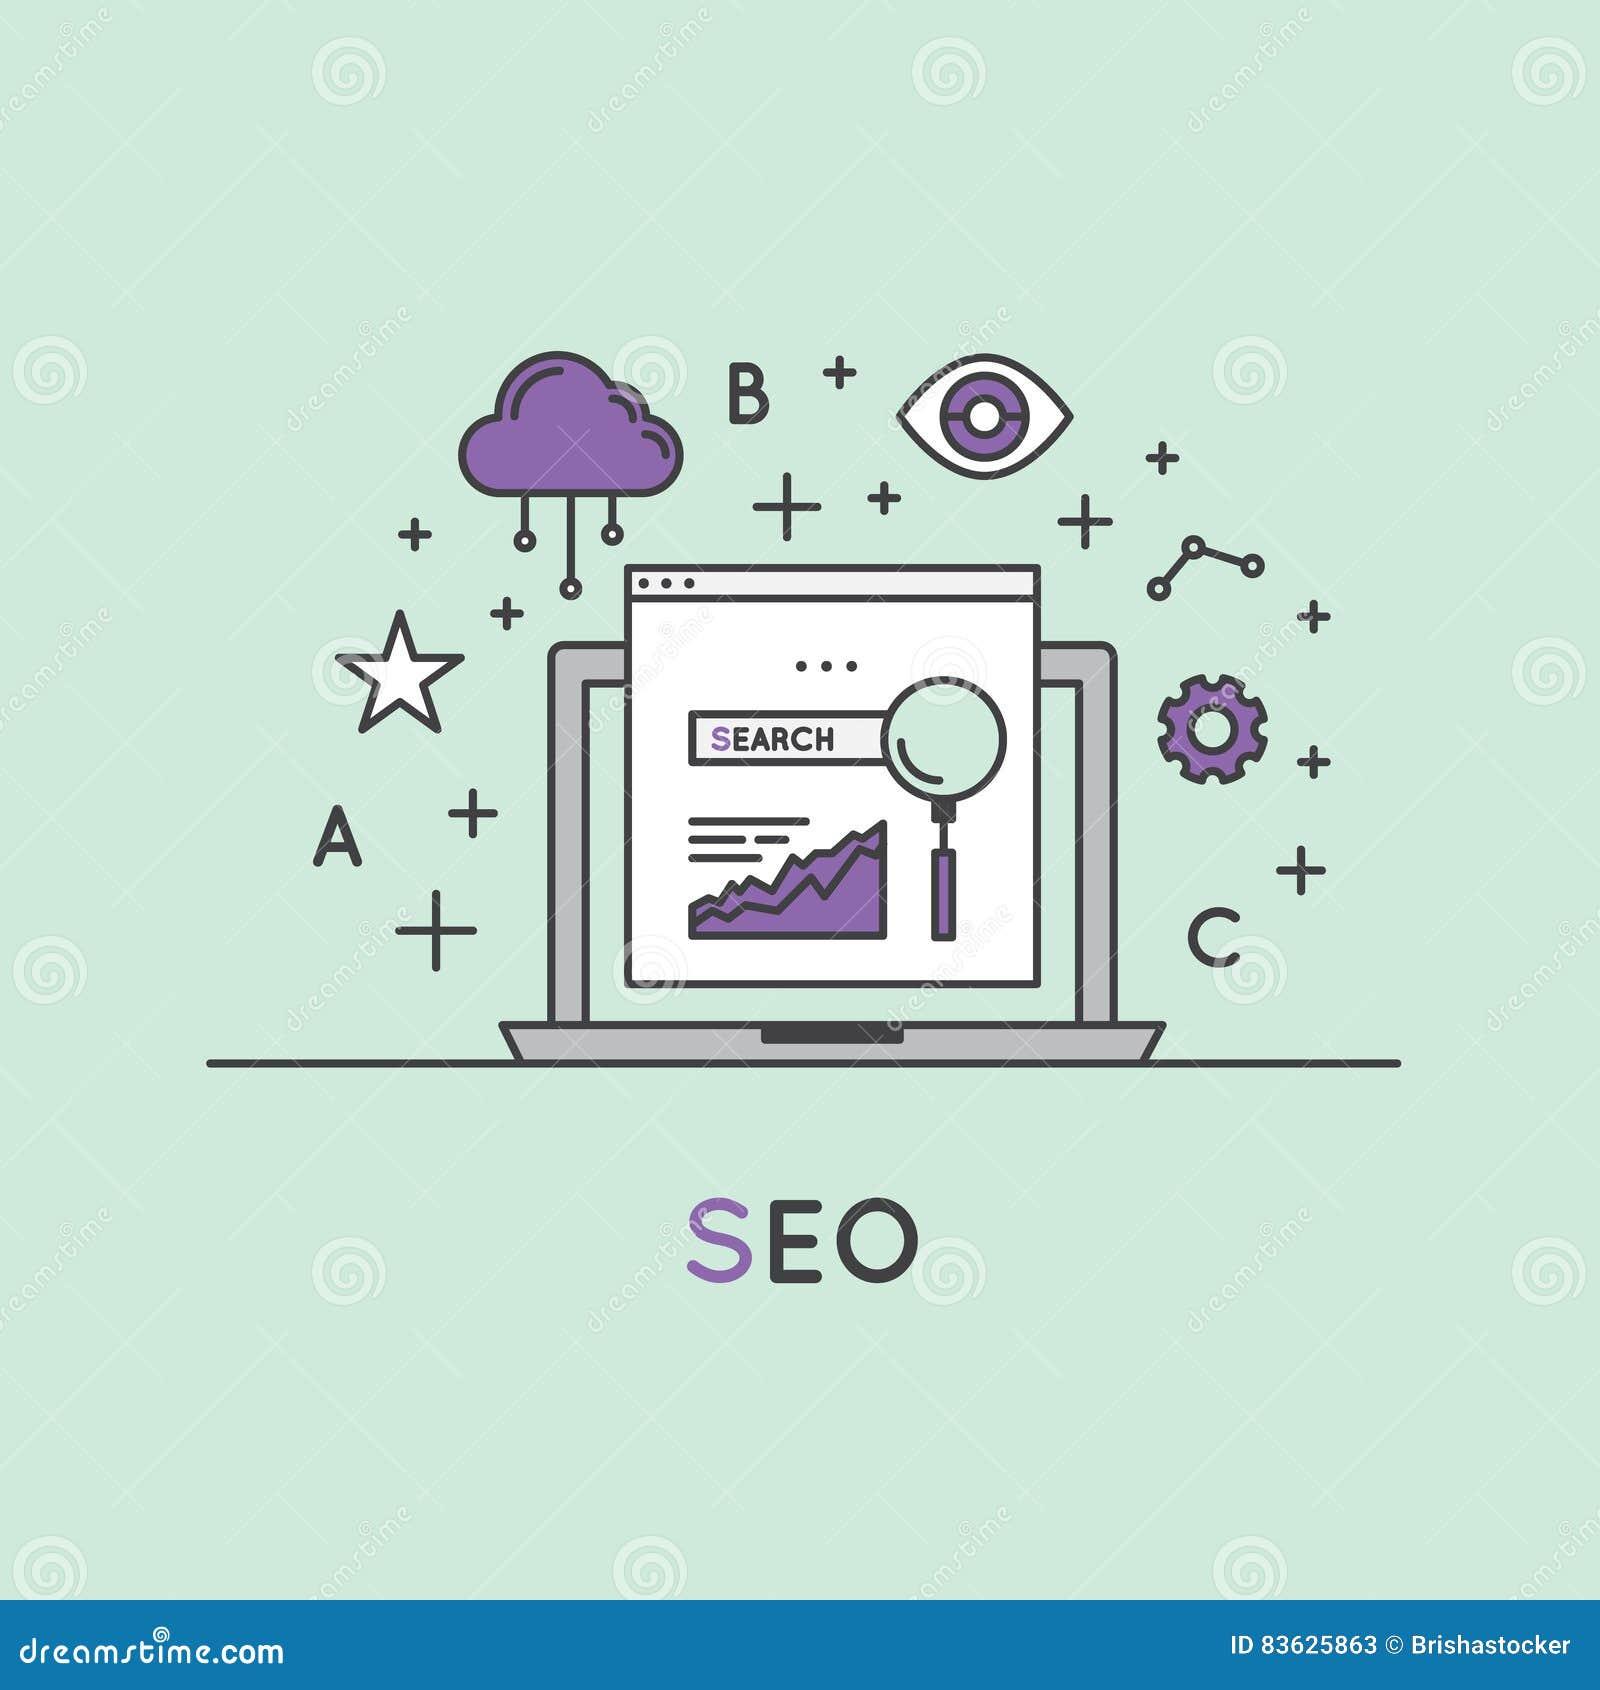 Απεικόνιση της διαδικασίας βελτιστοποίησης μηχανών αναζήτησης SEO